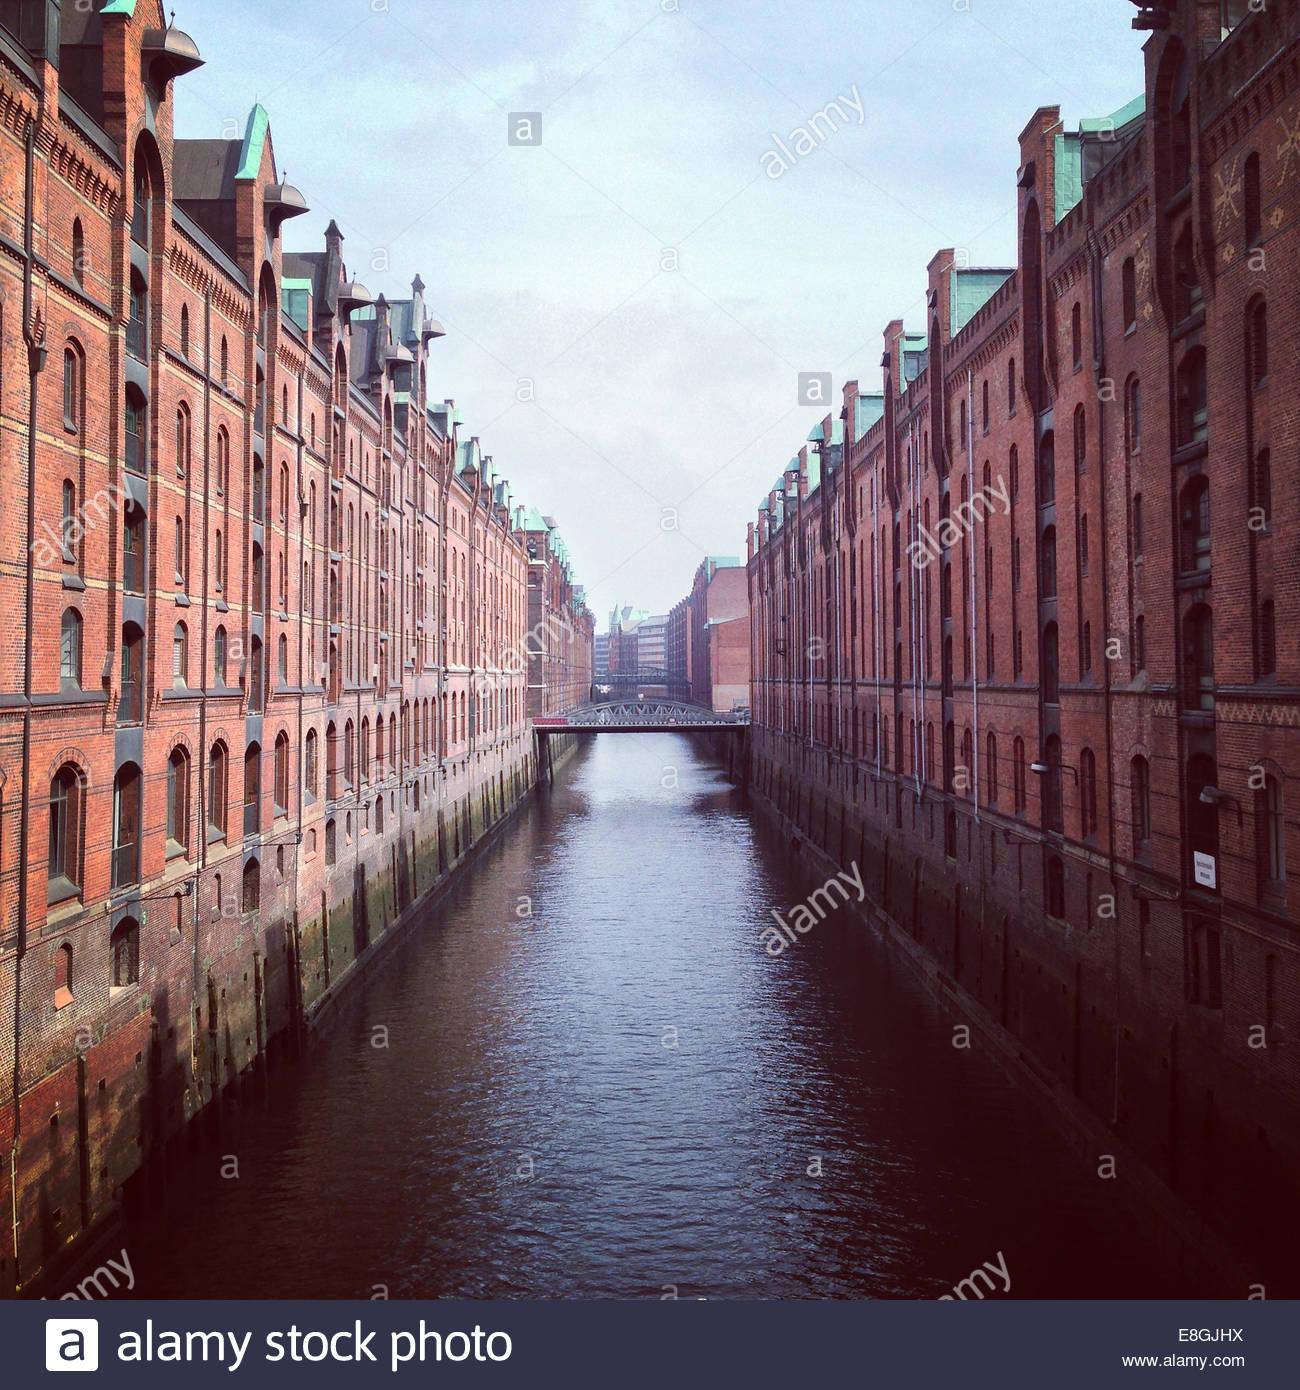 Canal tra gli edifici, Amburgo, Germania Immagini Stock